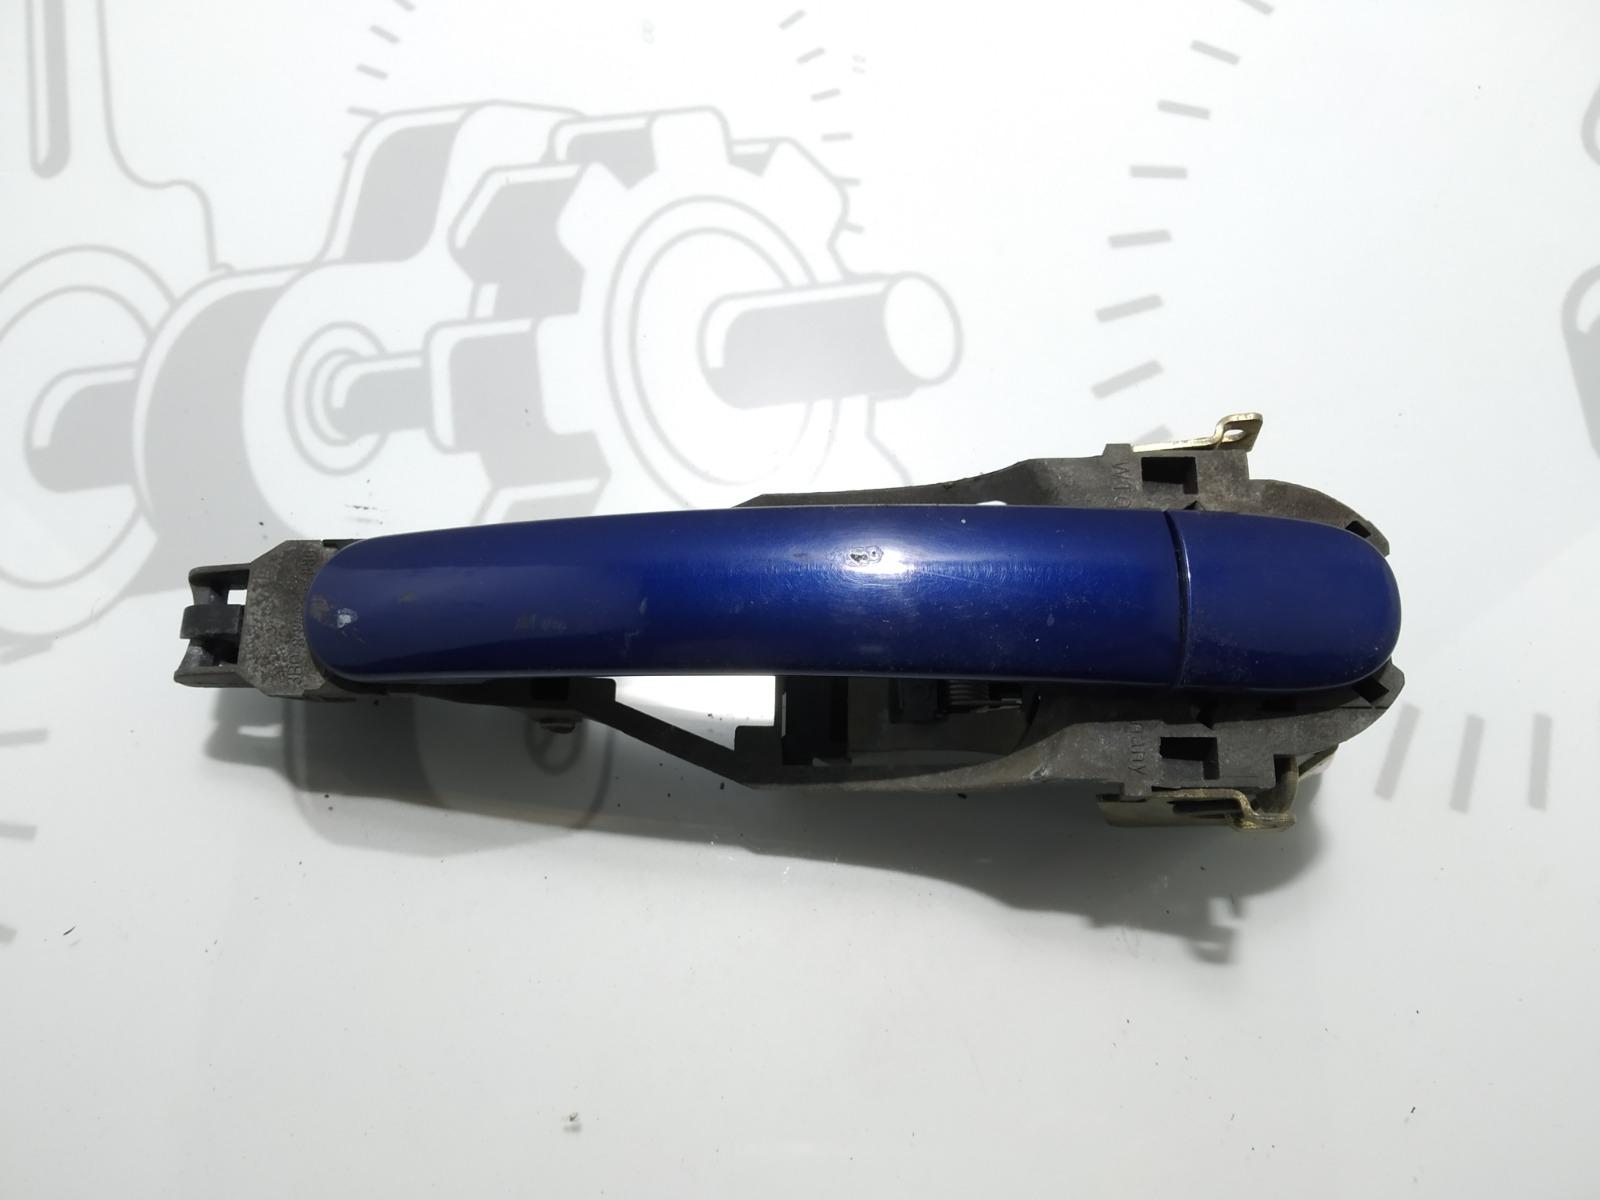 Ручка наружная передняя левая Volkswagen Passat B5 2.0 I 2001 (б/у)